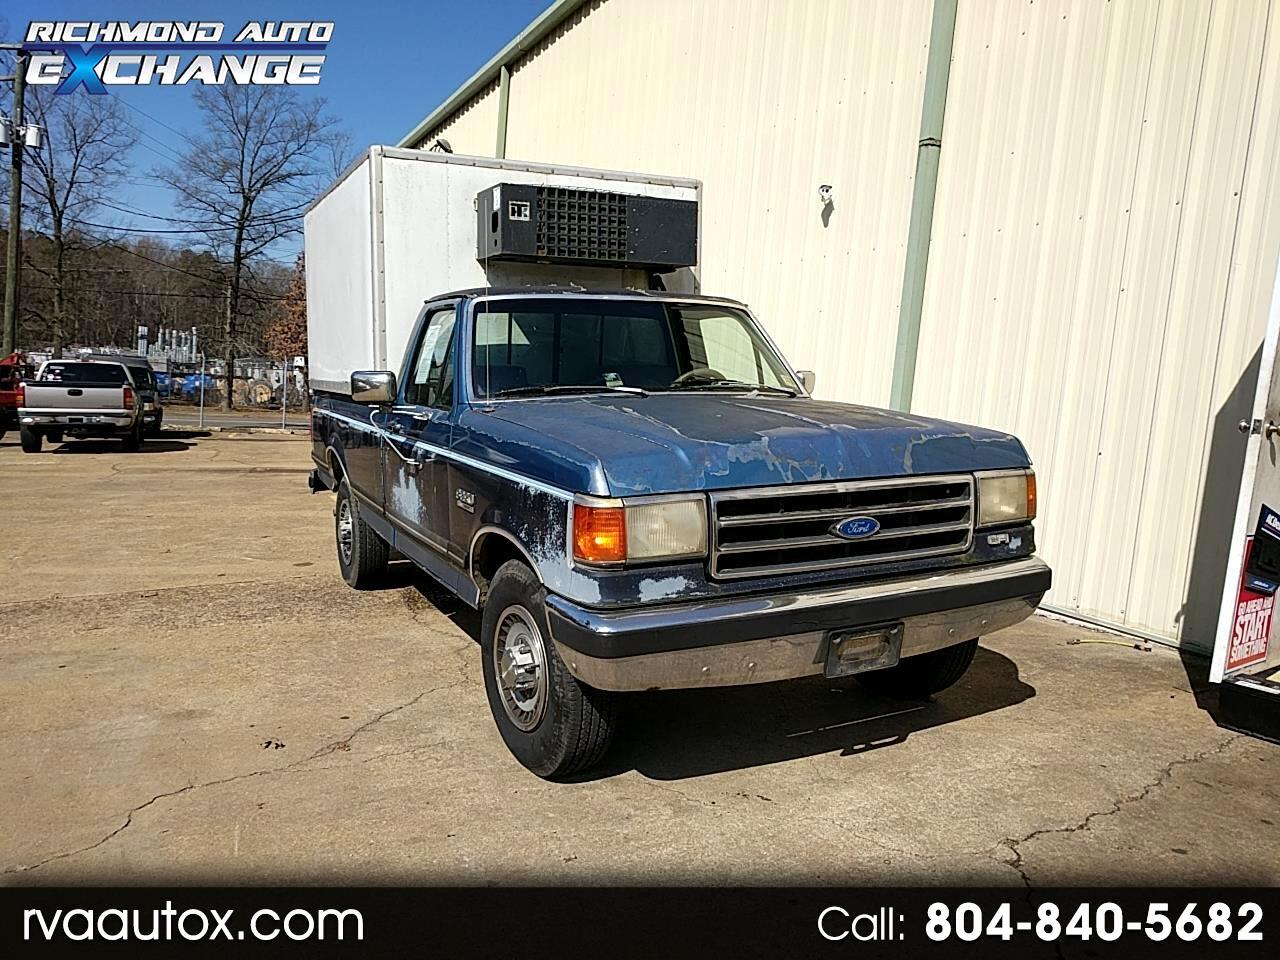 1990 Ford F-250 HD Reg. Cab 2WD